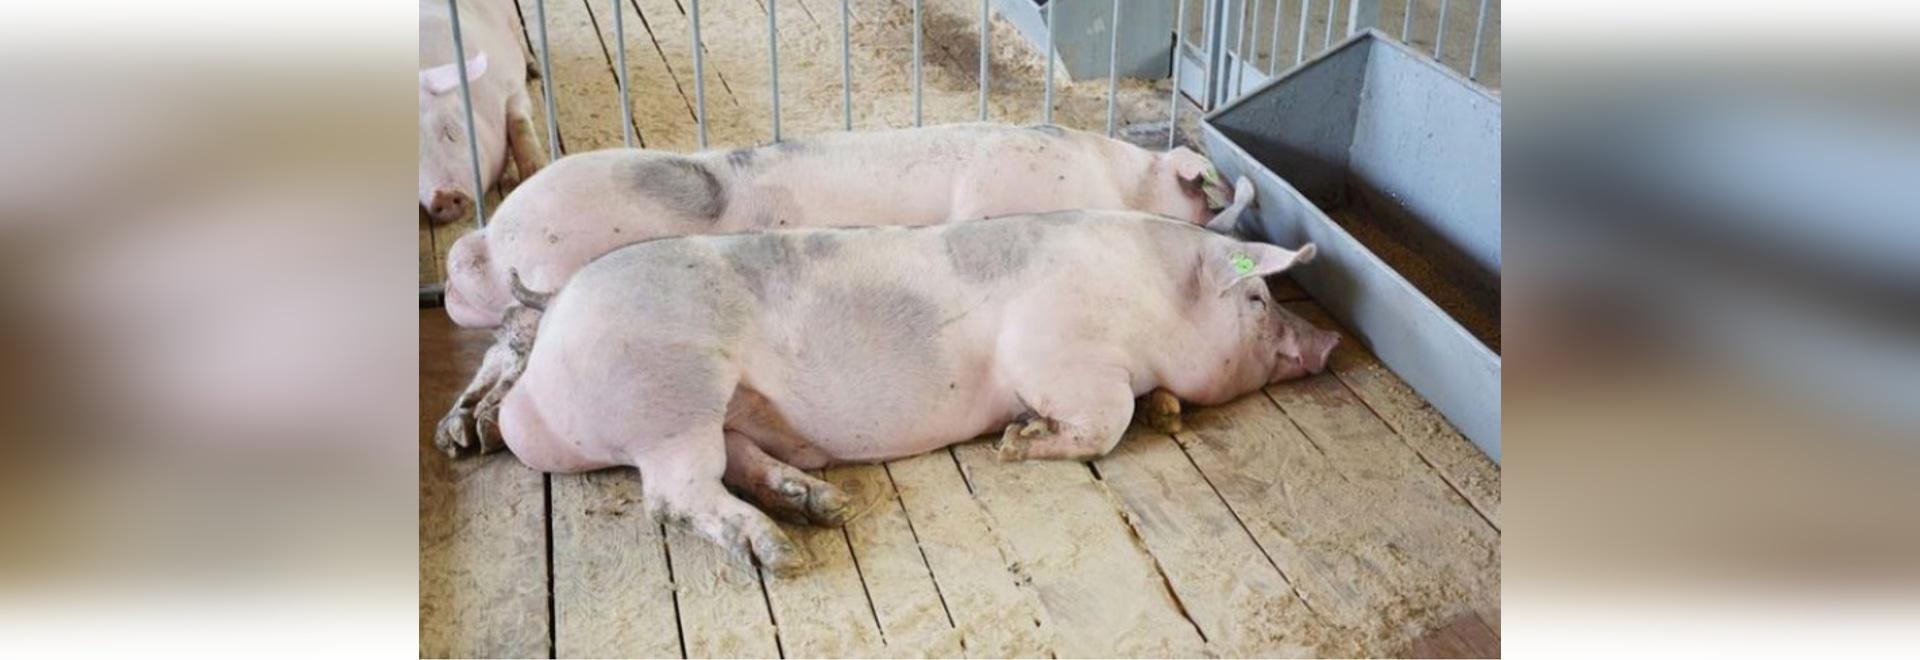 Subvention de 3 M$ pour faire la lumière sur le virus porcin